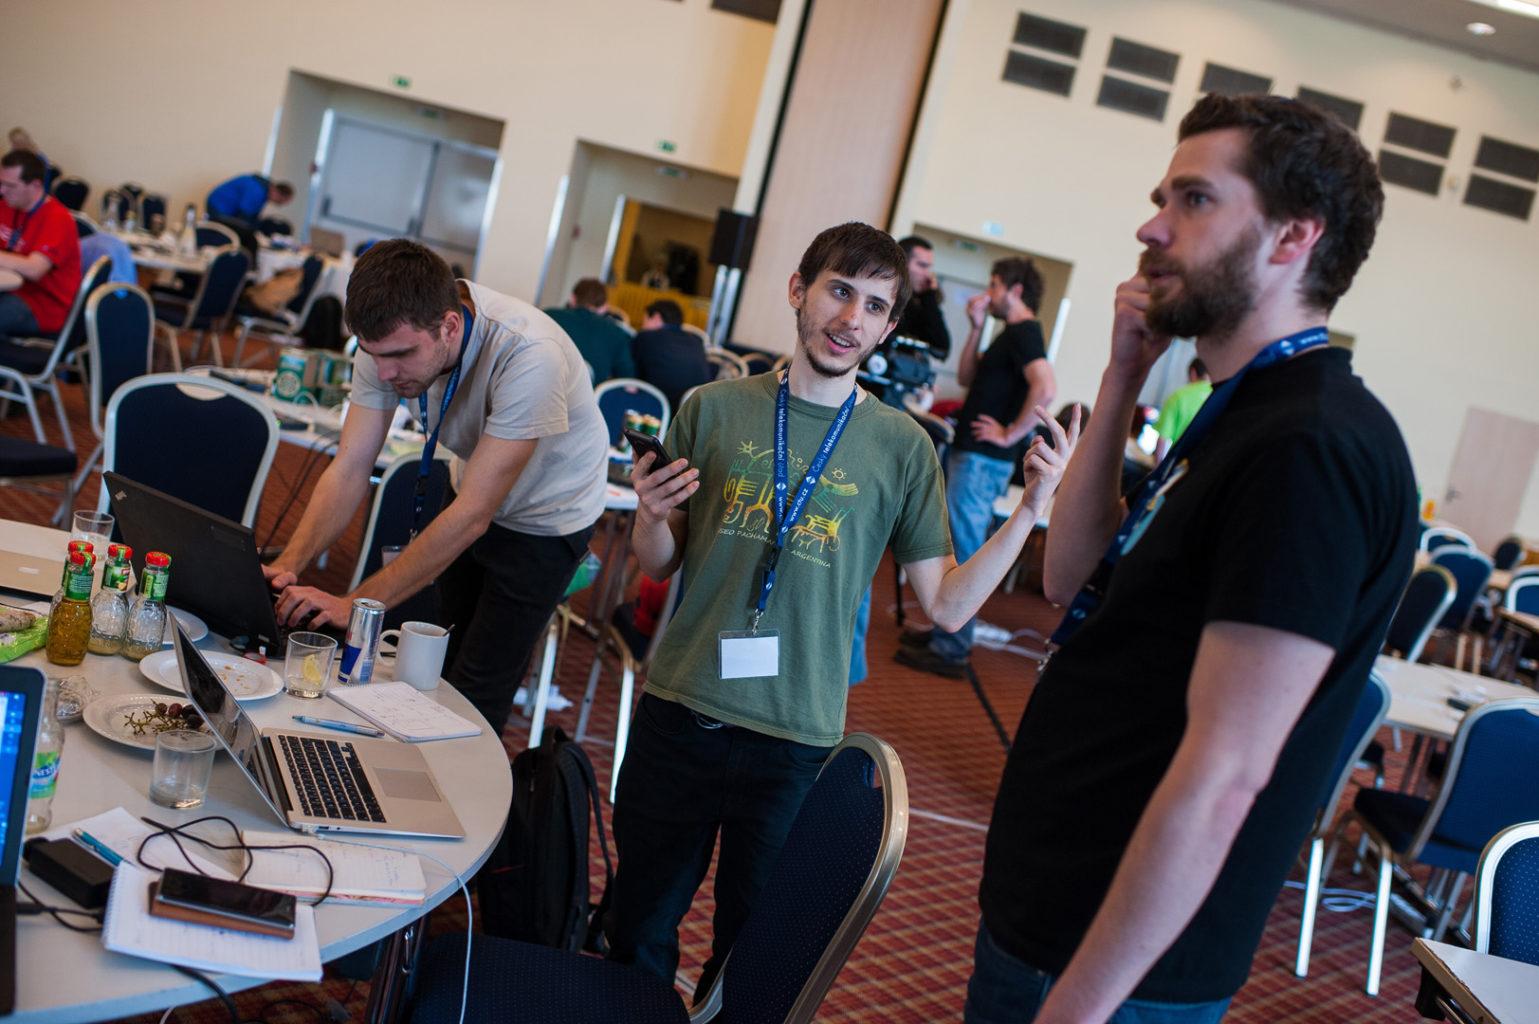 V4 Hackathon Prague 2016